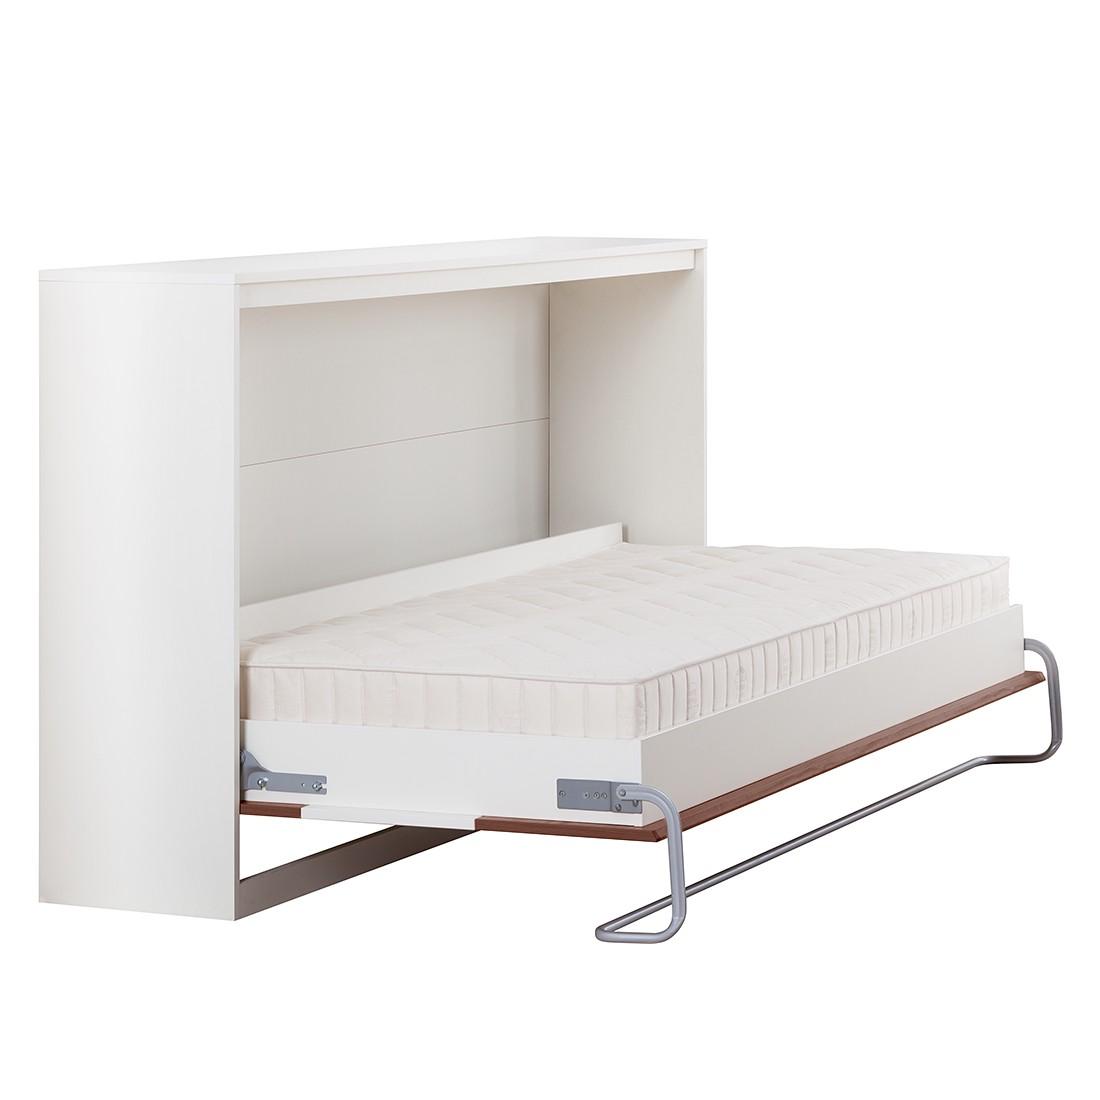 Schrankbett KiYDOO smart | Schlafzimmer > Betten > Schrankbetten | Weiss | Holzwerkstoff | KIYDOO